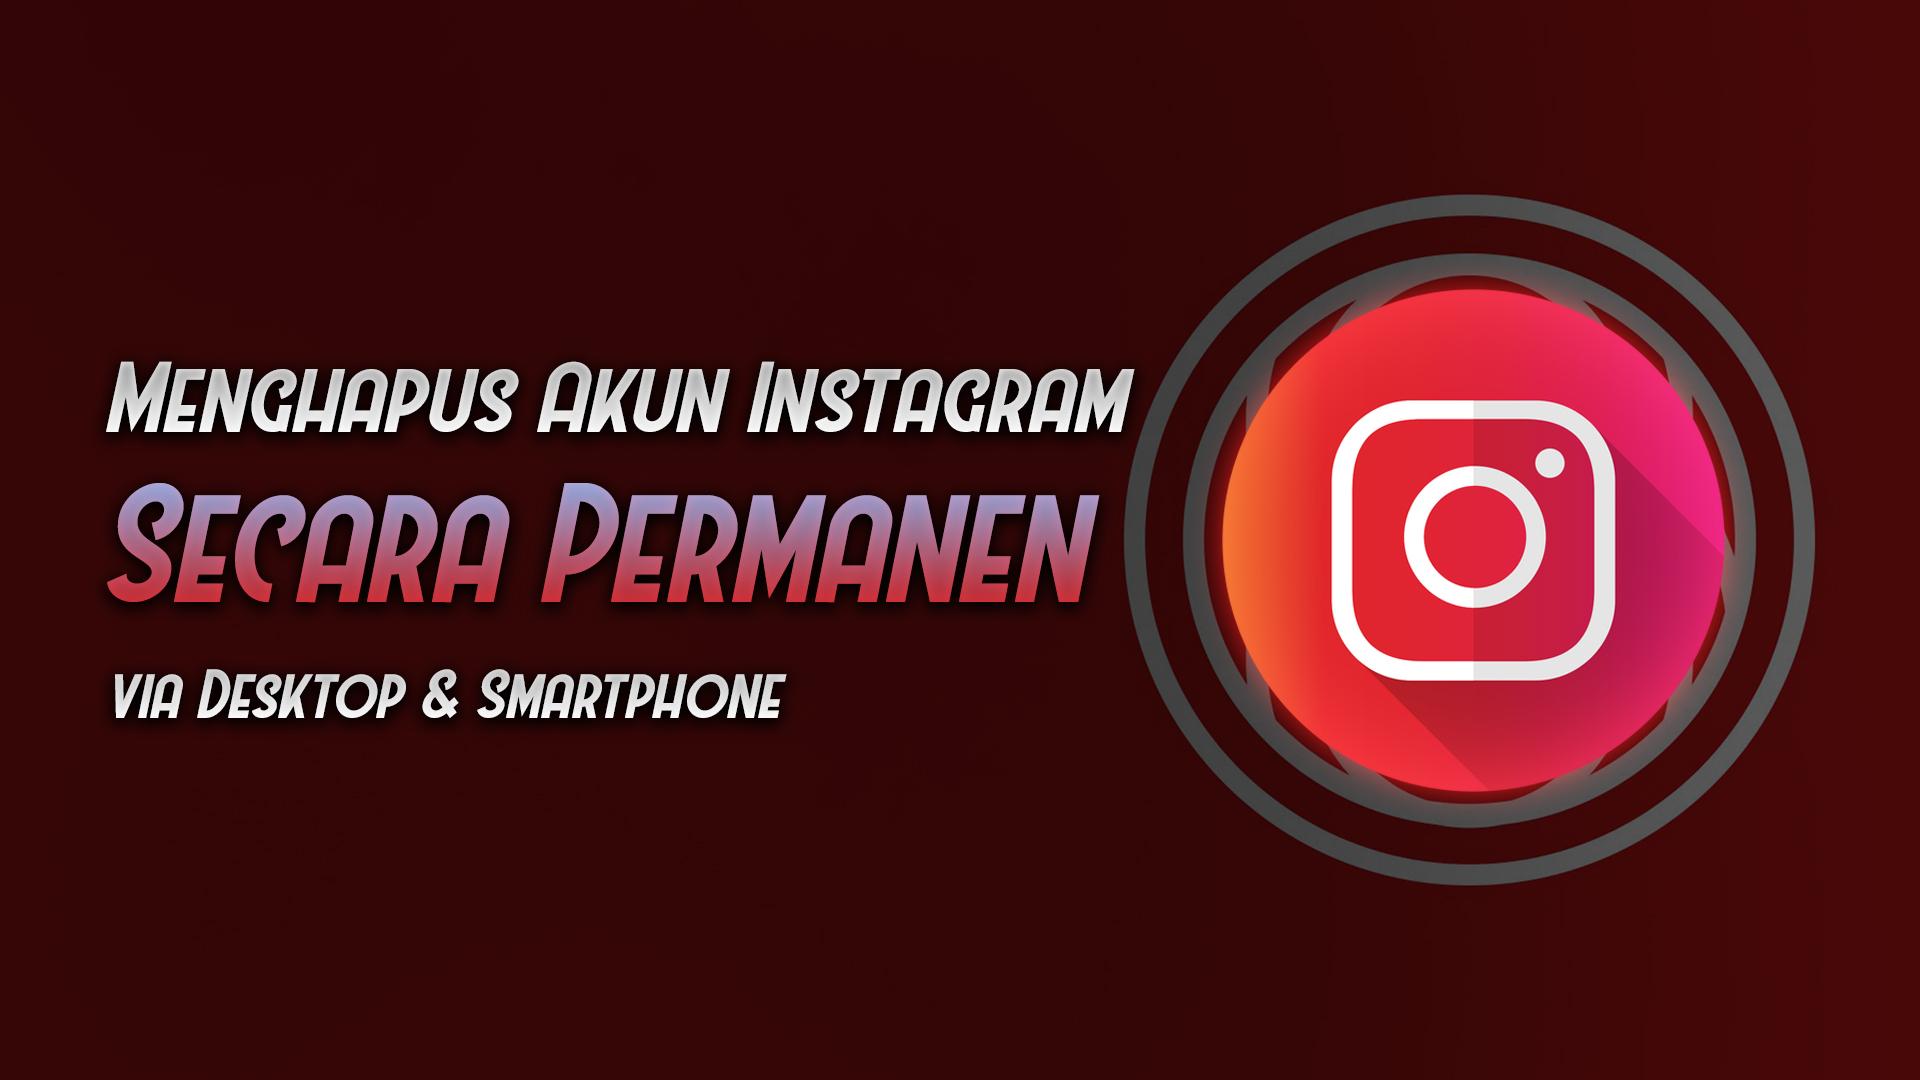 cara menghapus akun instagram secara permanen desktop aplikasi - rio bermano